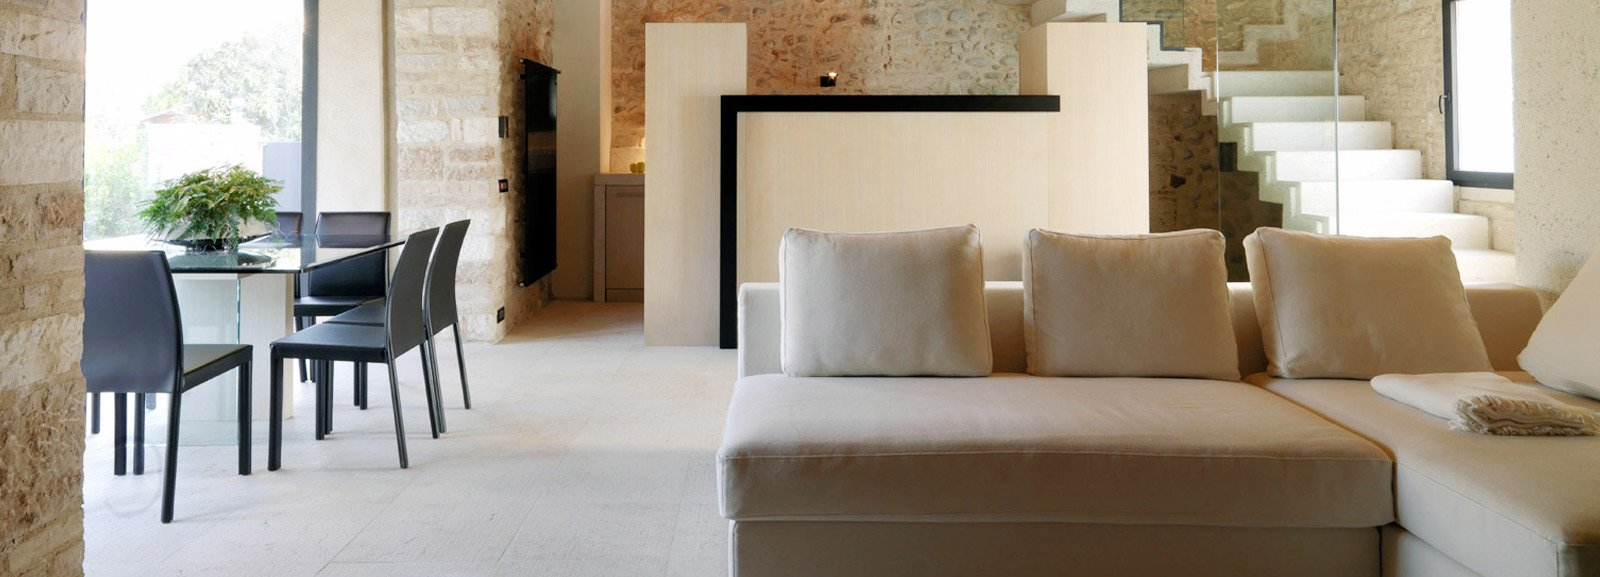 Arredamenti interni in pietra: camino in pietra serena.